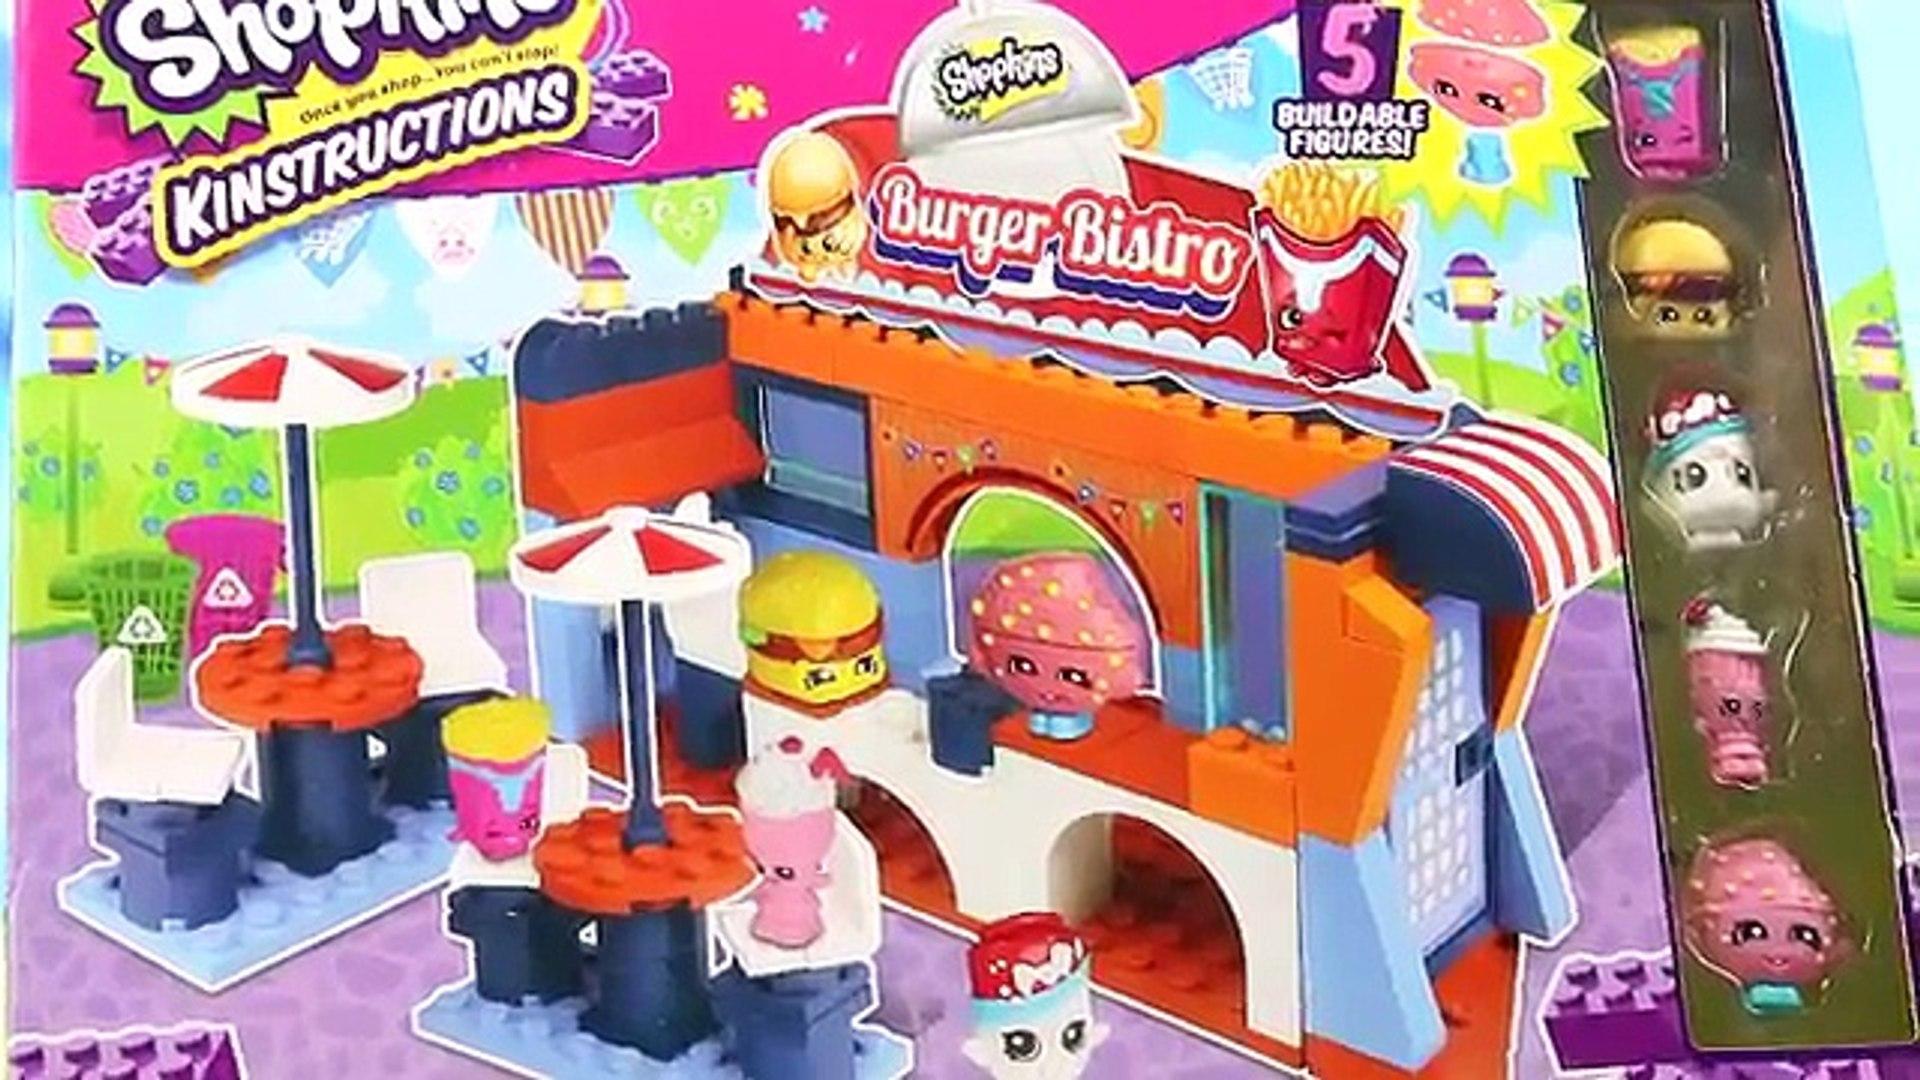 Burger Bistro | Shopkins Kinstructions & Barbie | Bajki dla dzieci i unboxing